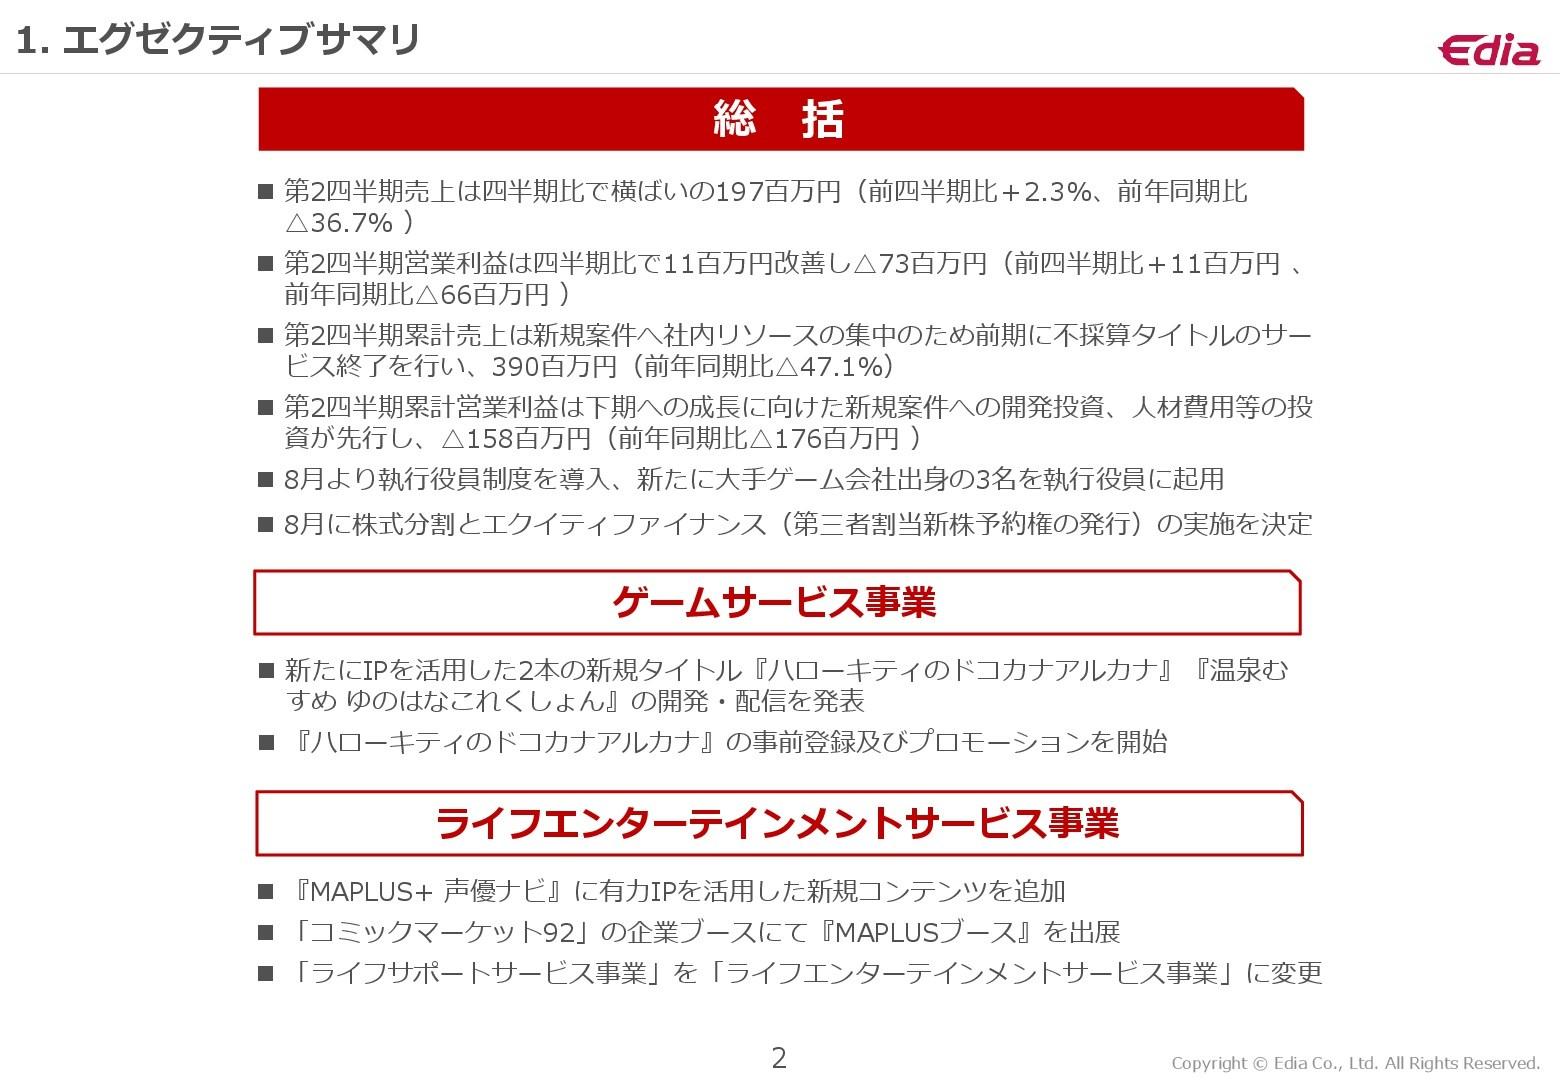 エディア、2Qは不採算タイトル終了で売上減少 下期に位置情報活用の新作3本リリース予定